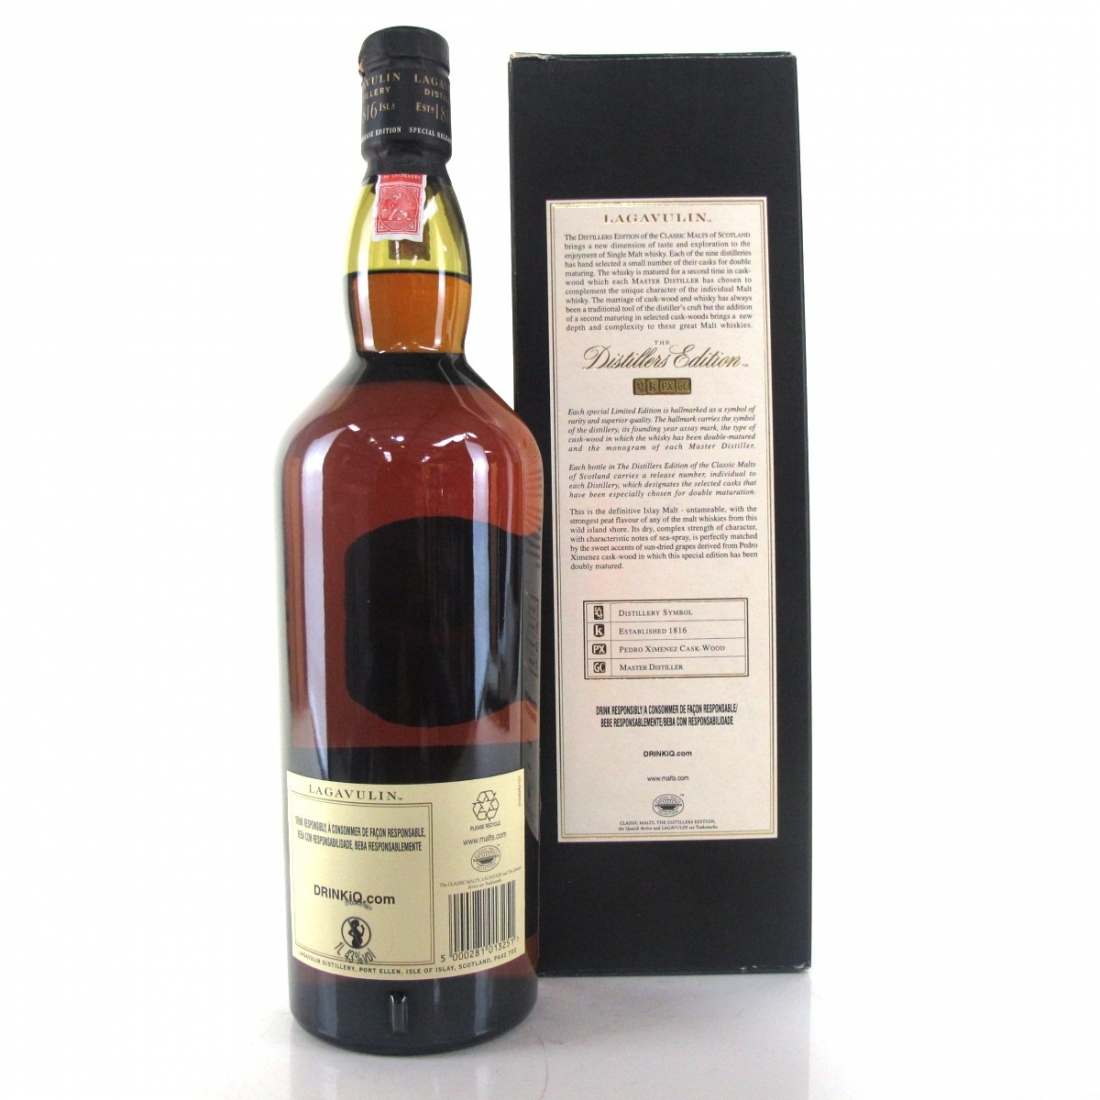 Lagavulin 1995 Distillers Edition 1 Litre